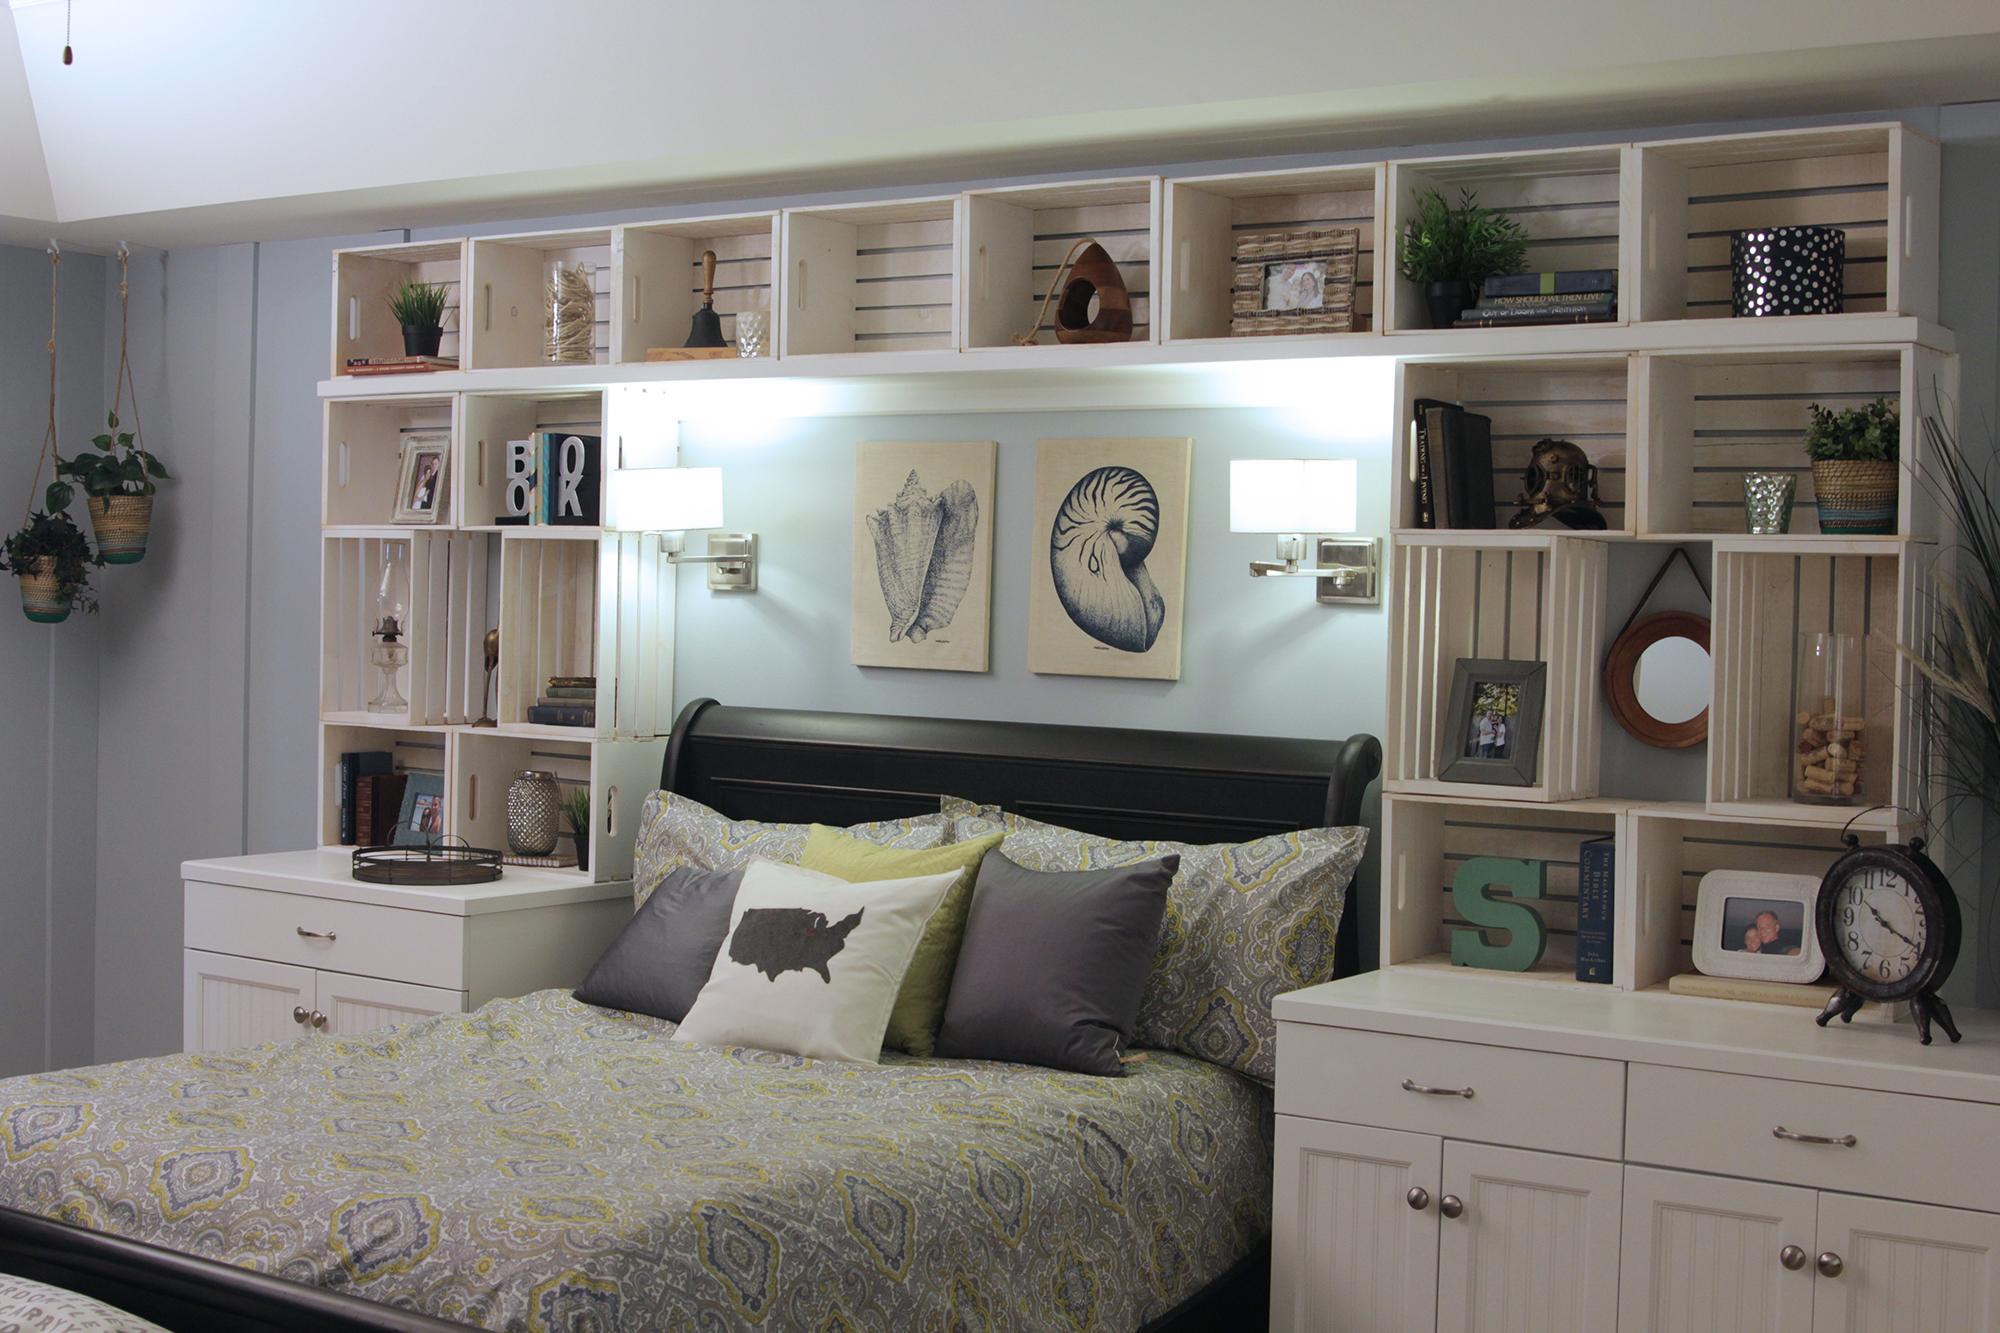 Картины с морскими ракушками над кроватью